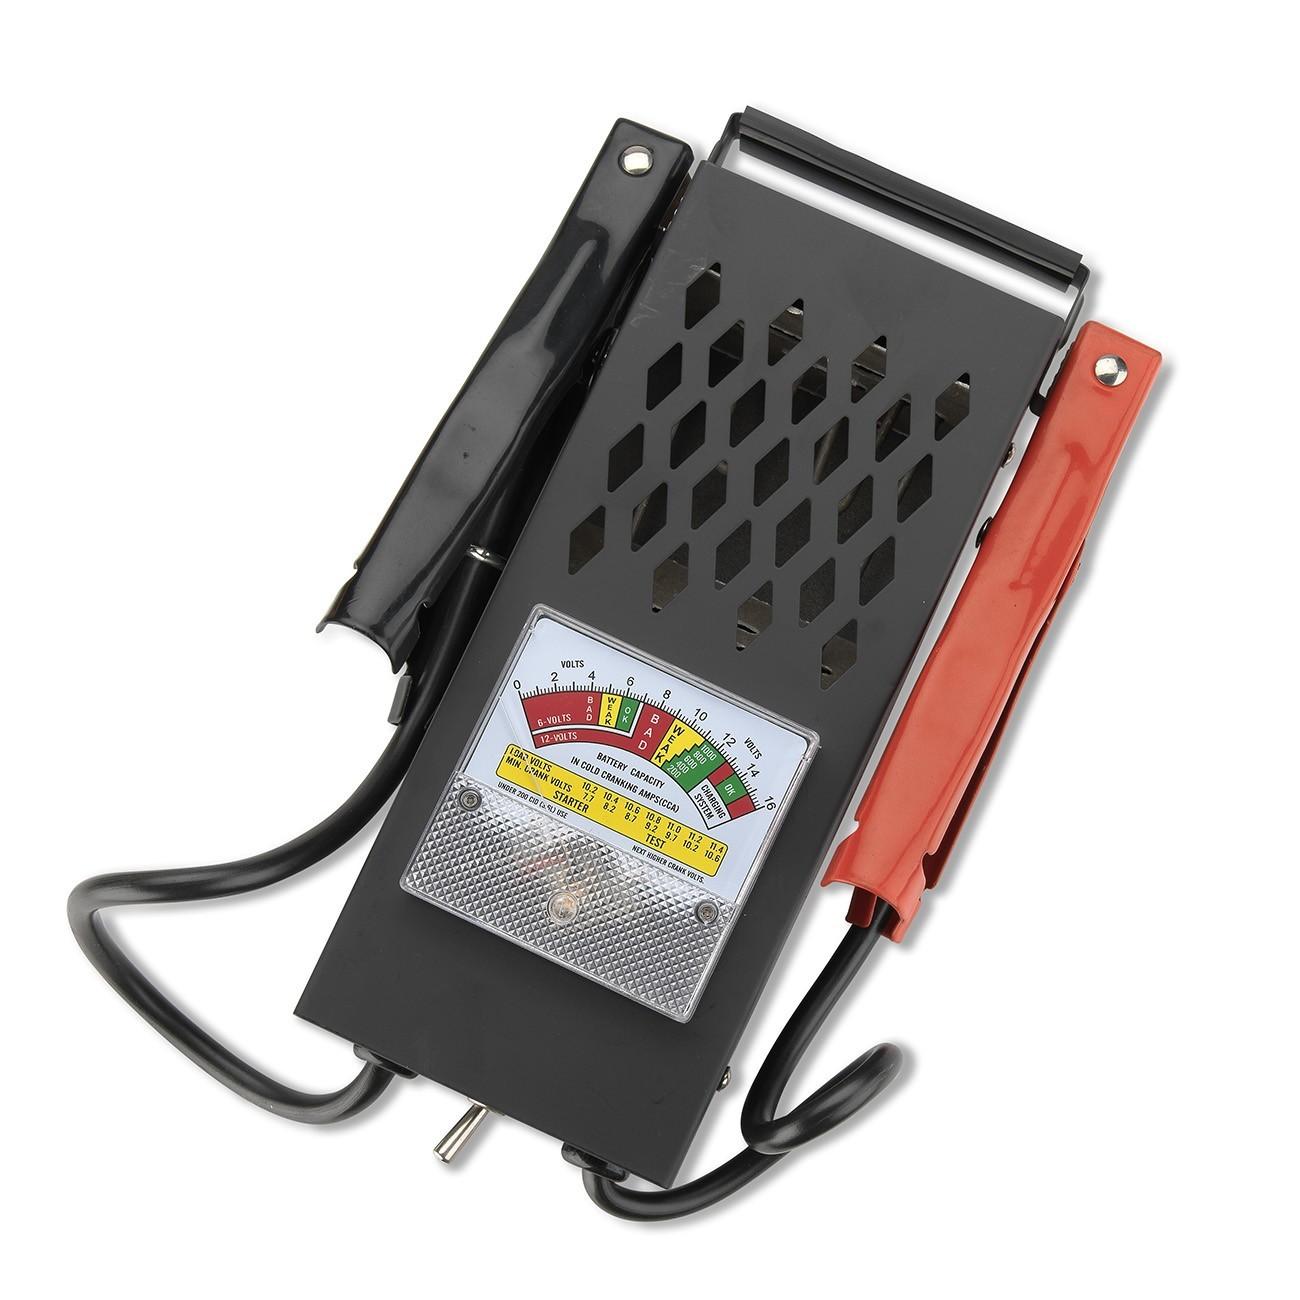 12 Volt Battery Tester : Portable battery load tester v diagnostic charging